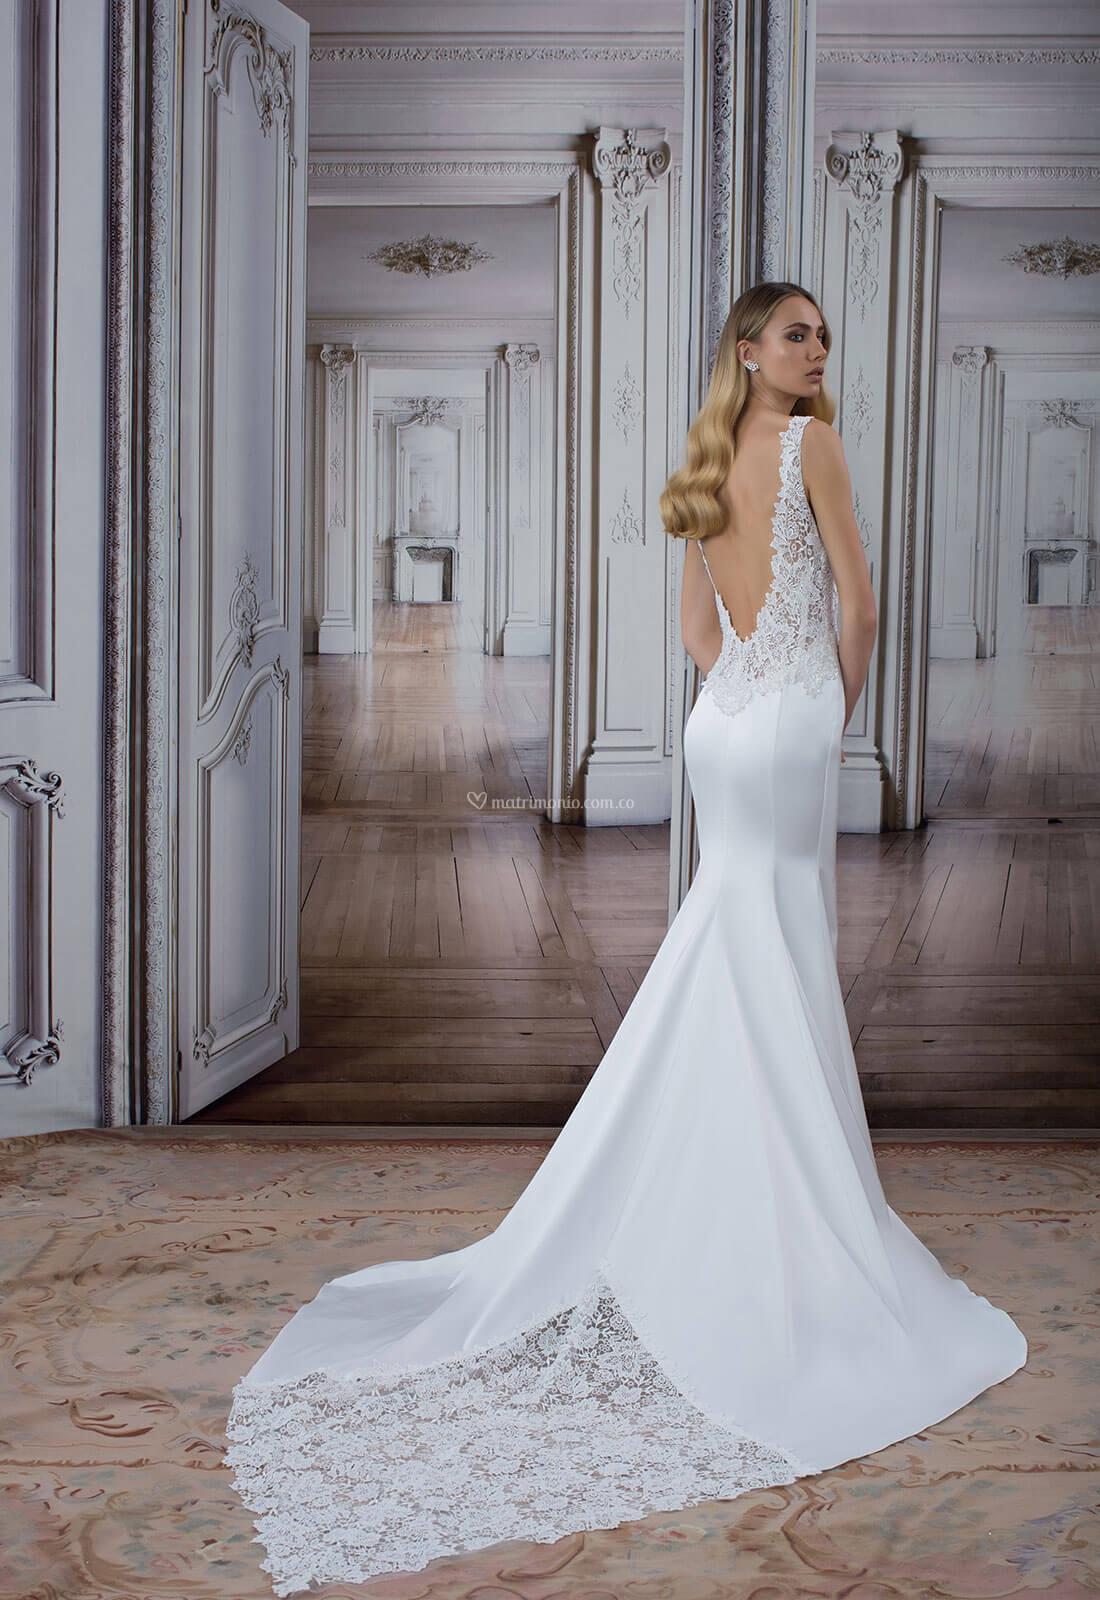 Imagenes de vestidos de novia de pnina tornai